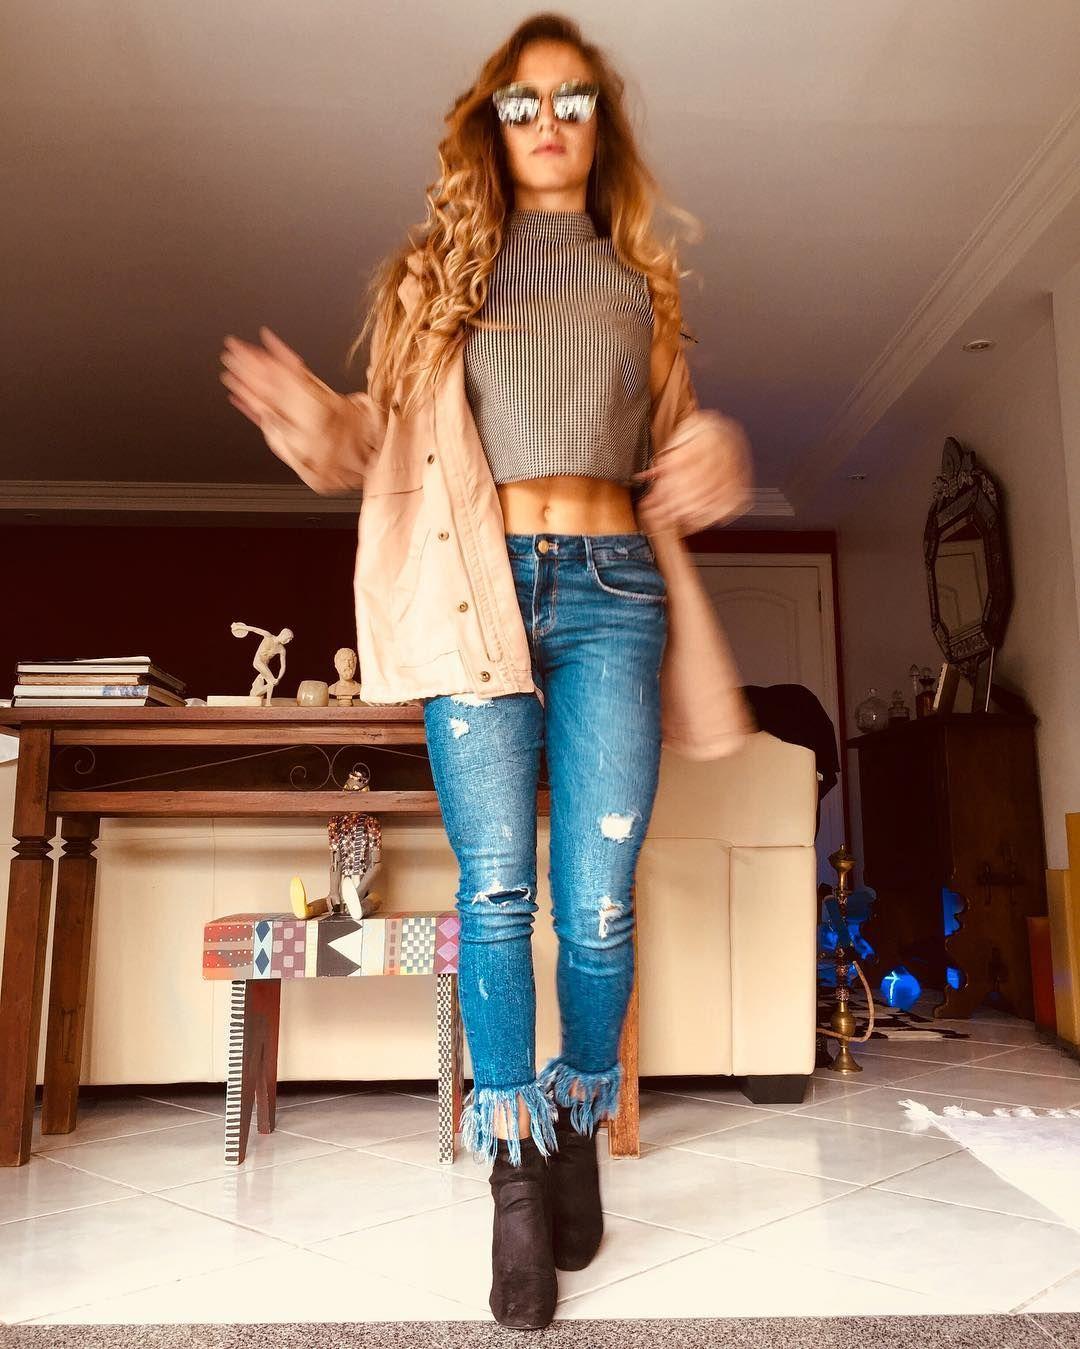 Snapchat Kourtney Kardashian nudes (98 photos), Ass, Leaked, Feet, braless 2019